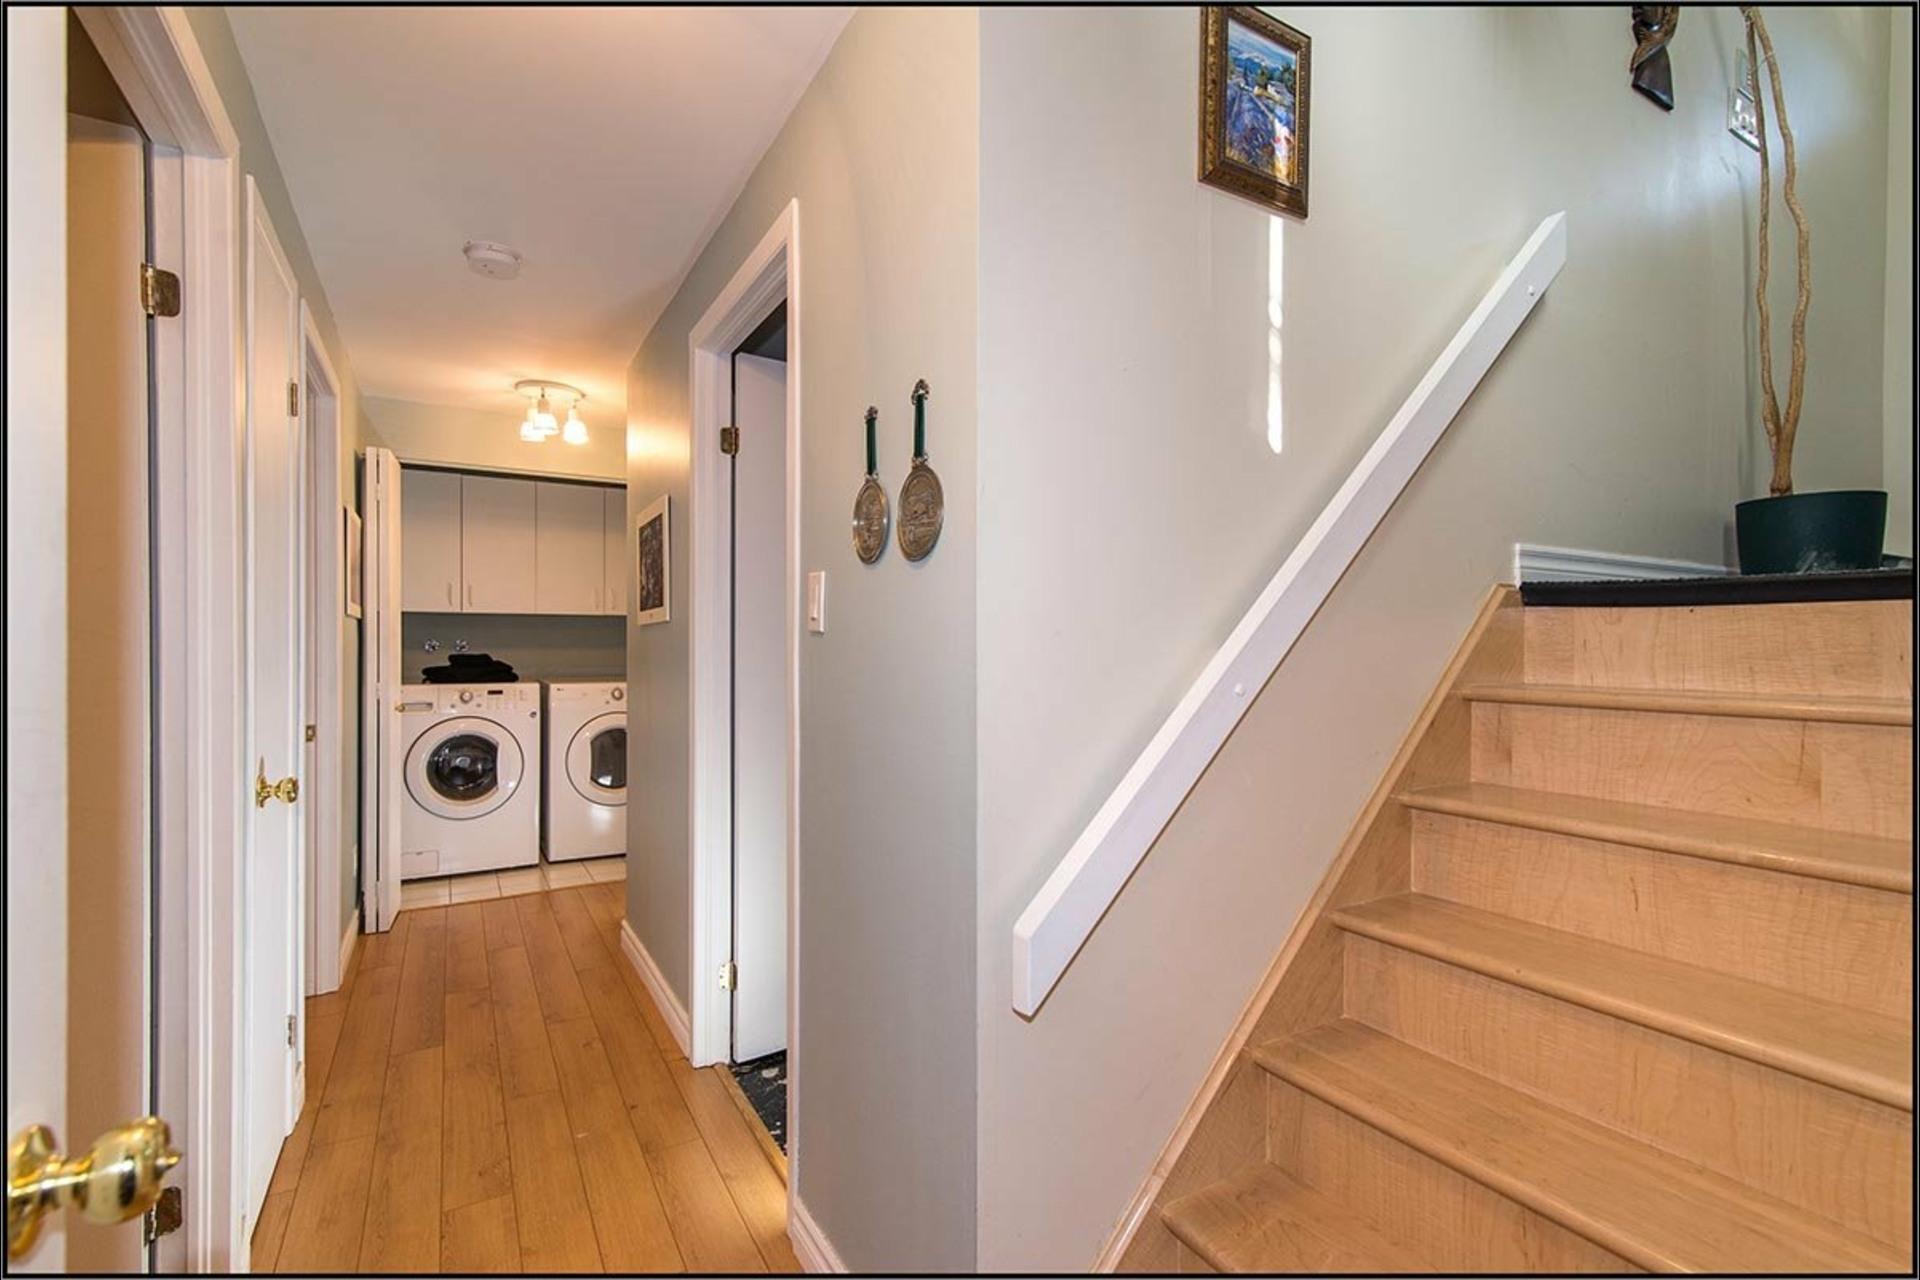 image 8 - House For sale Saint-Ferréol-les-Neiges - 11 rooms